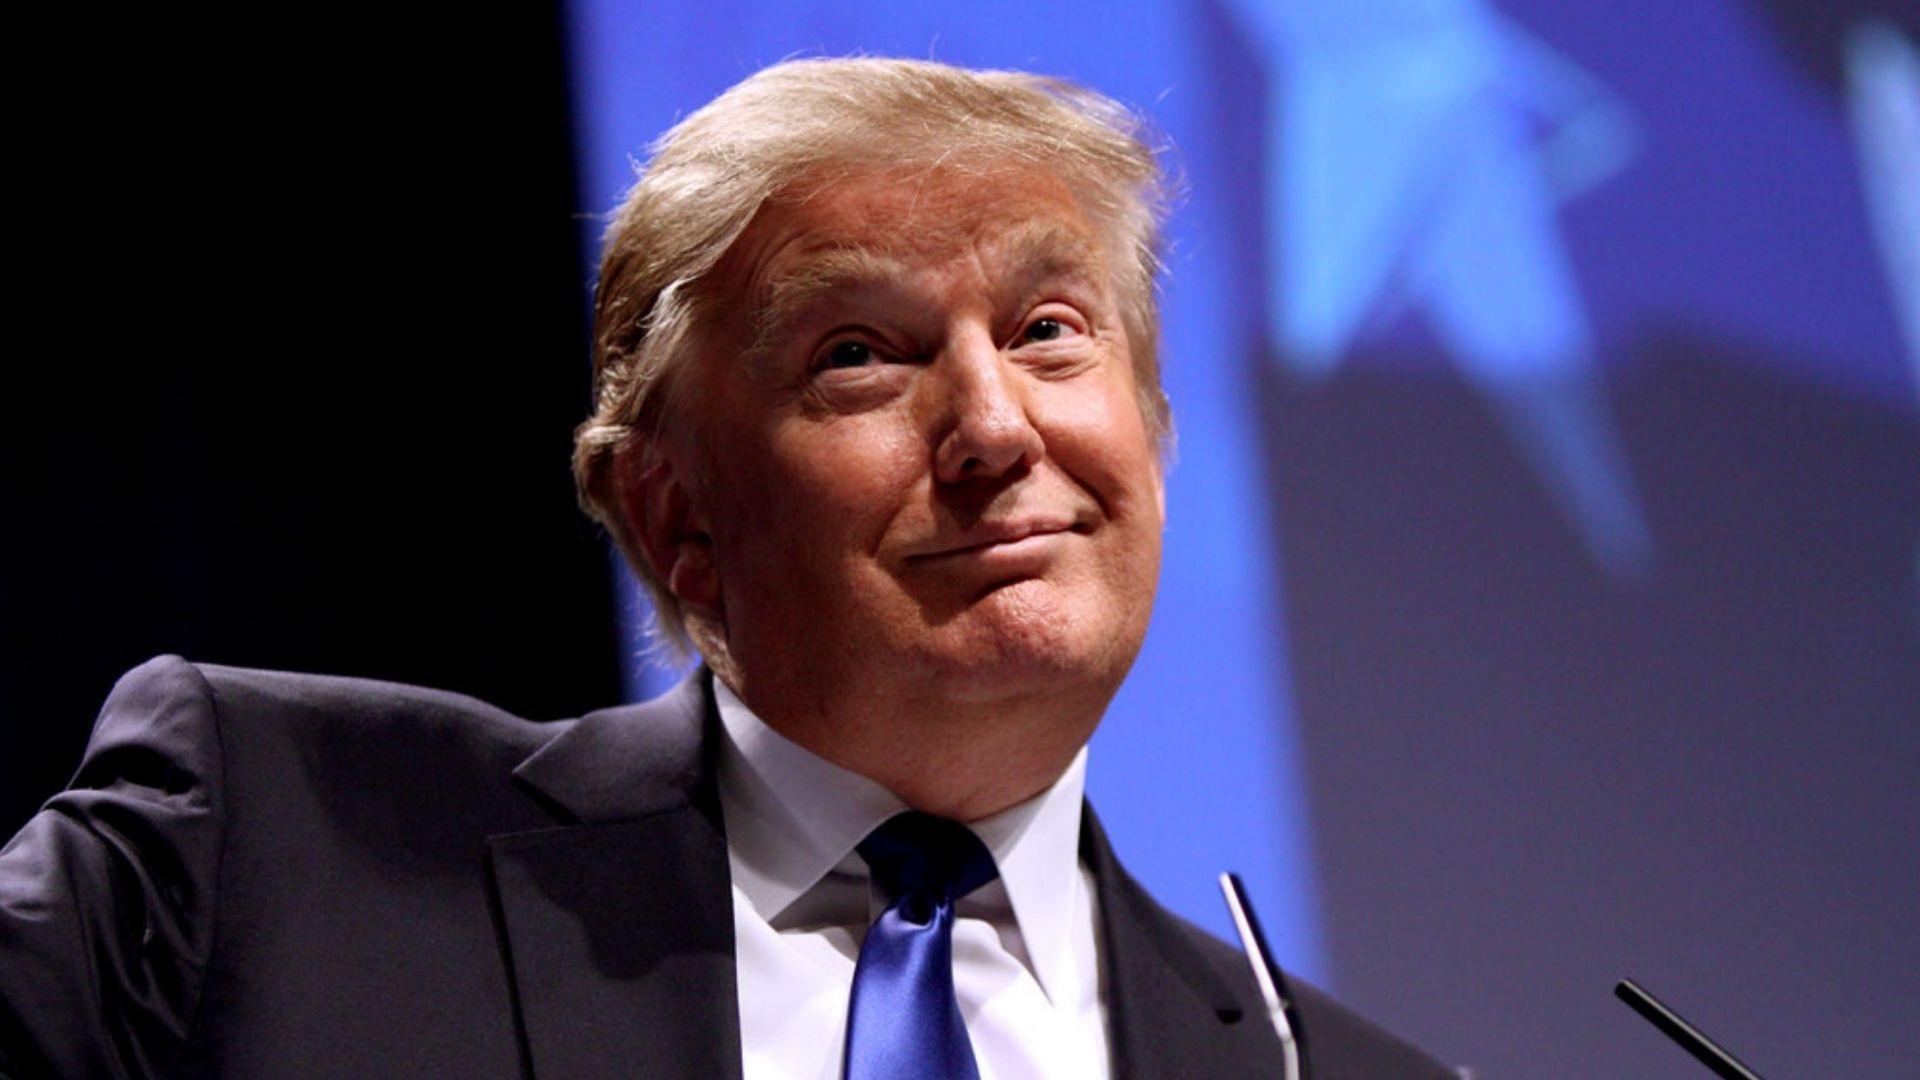 Le label de Nickelback neutralise un tweet de Donald Trump qui violait ses droits d'auteur